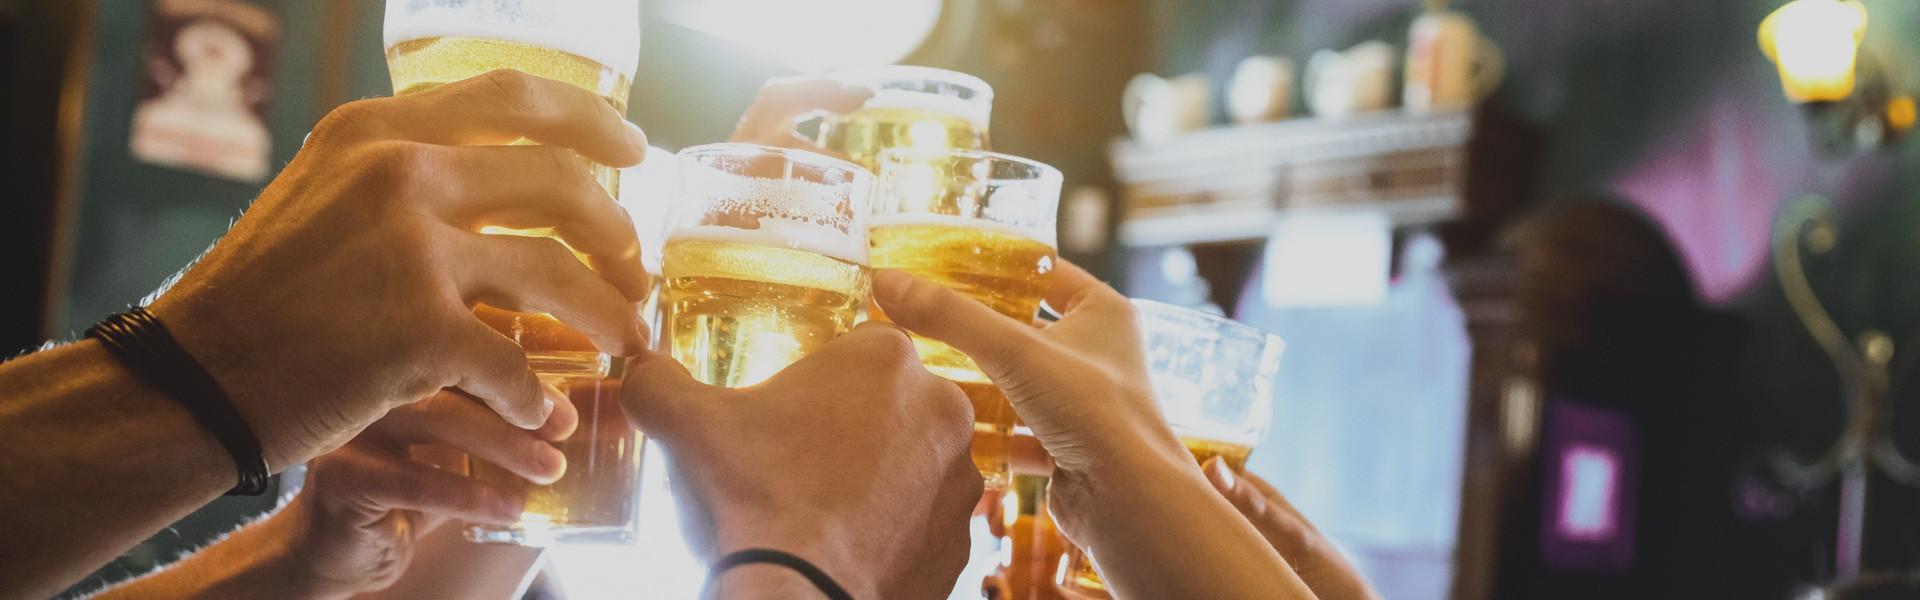 Le Balthazar Bières québécoises - Centropolis